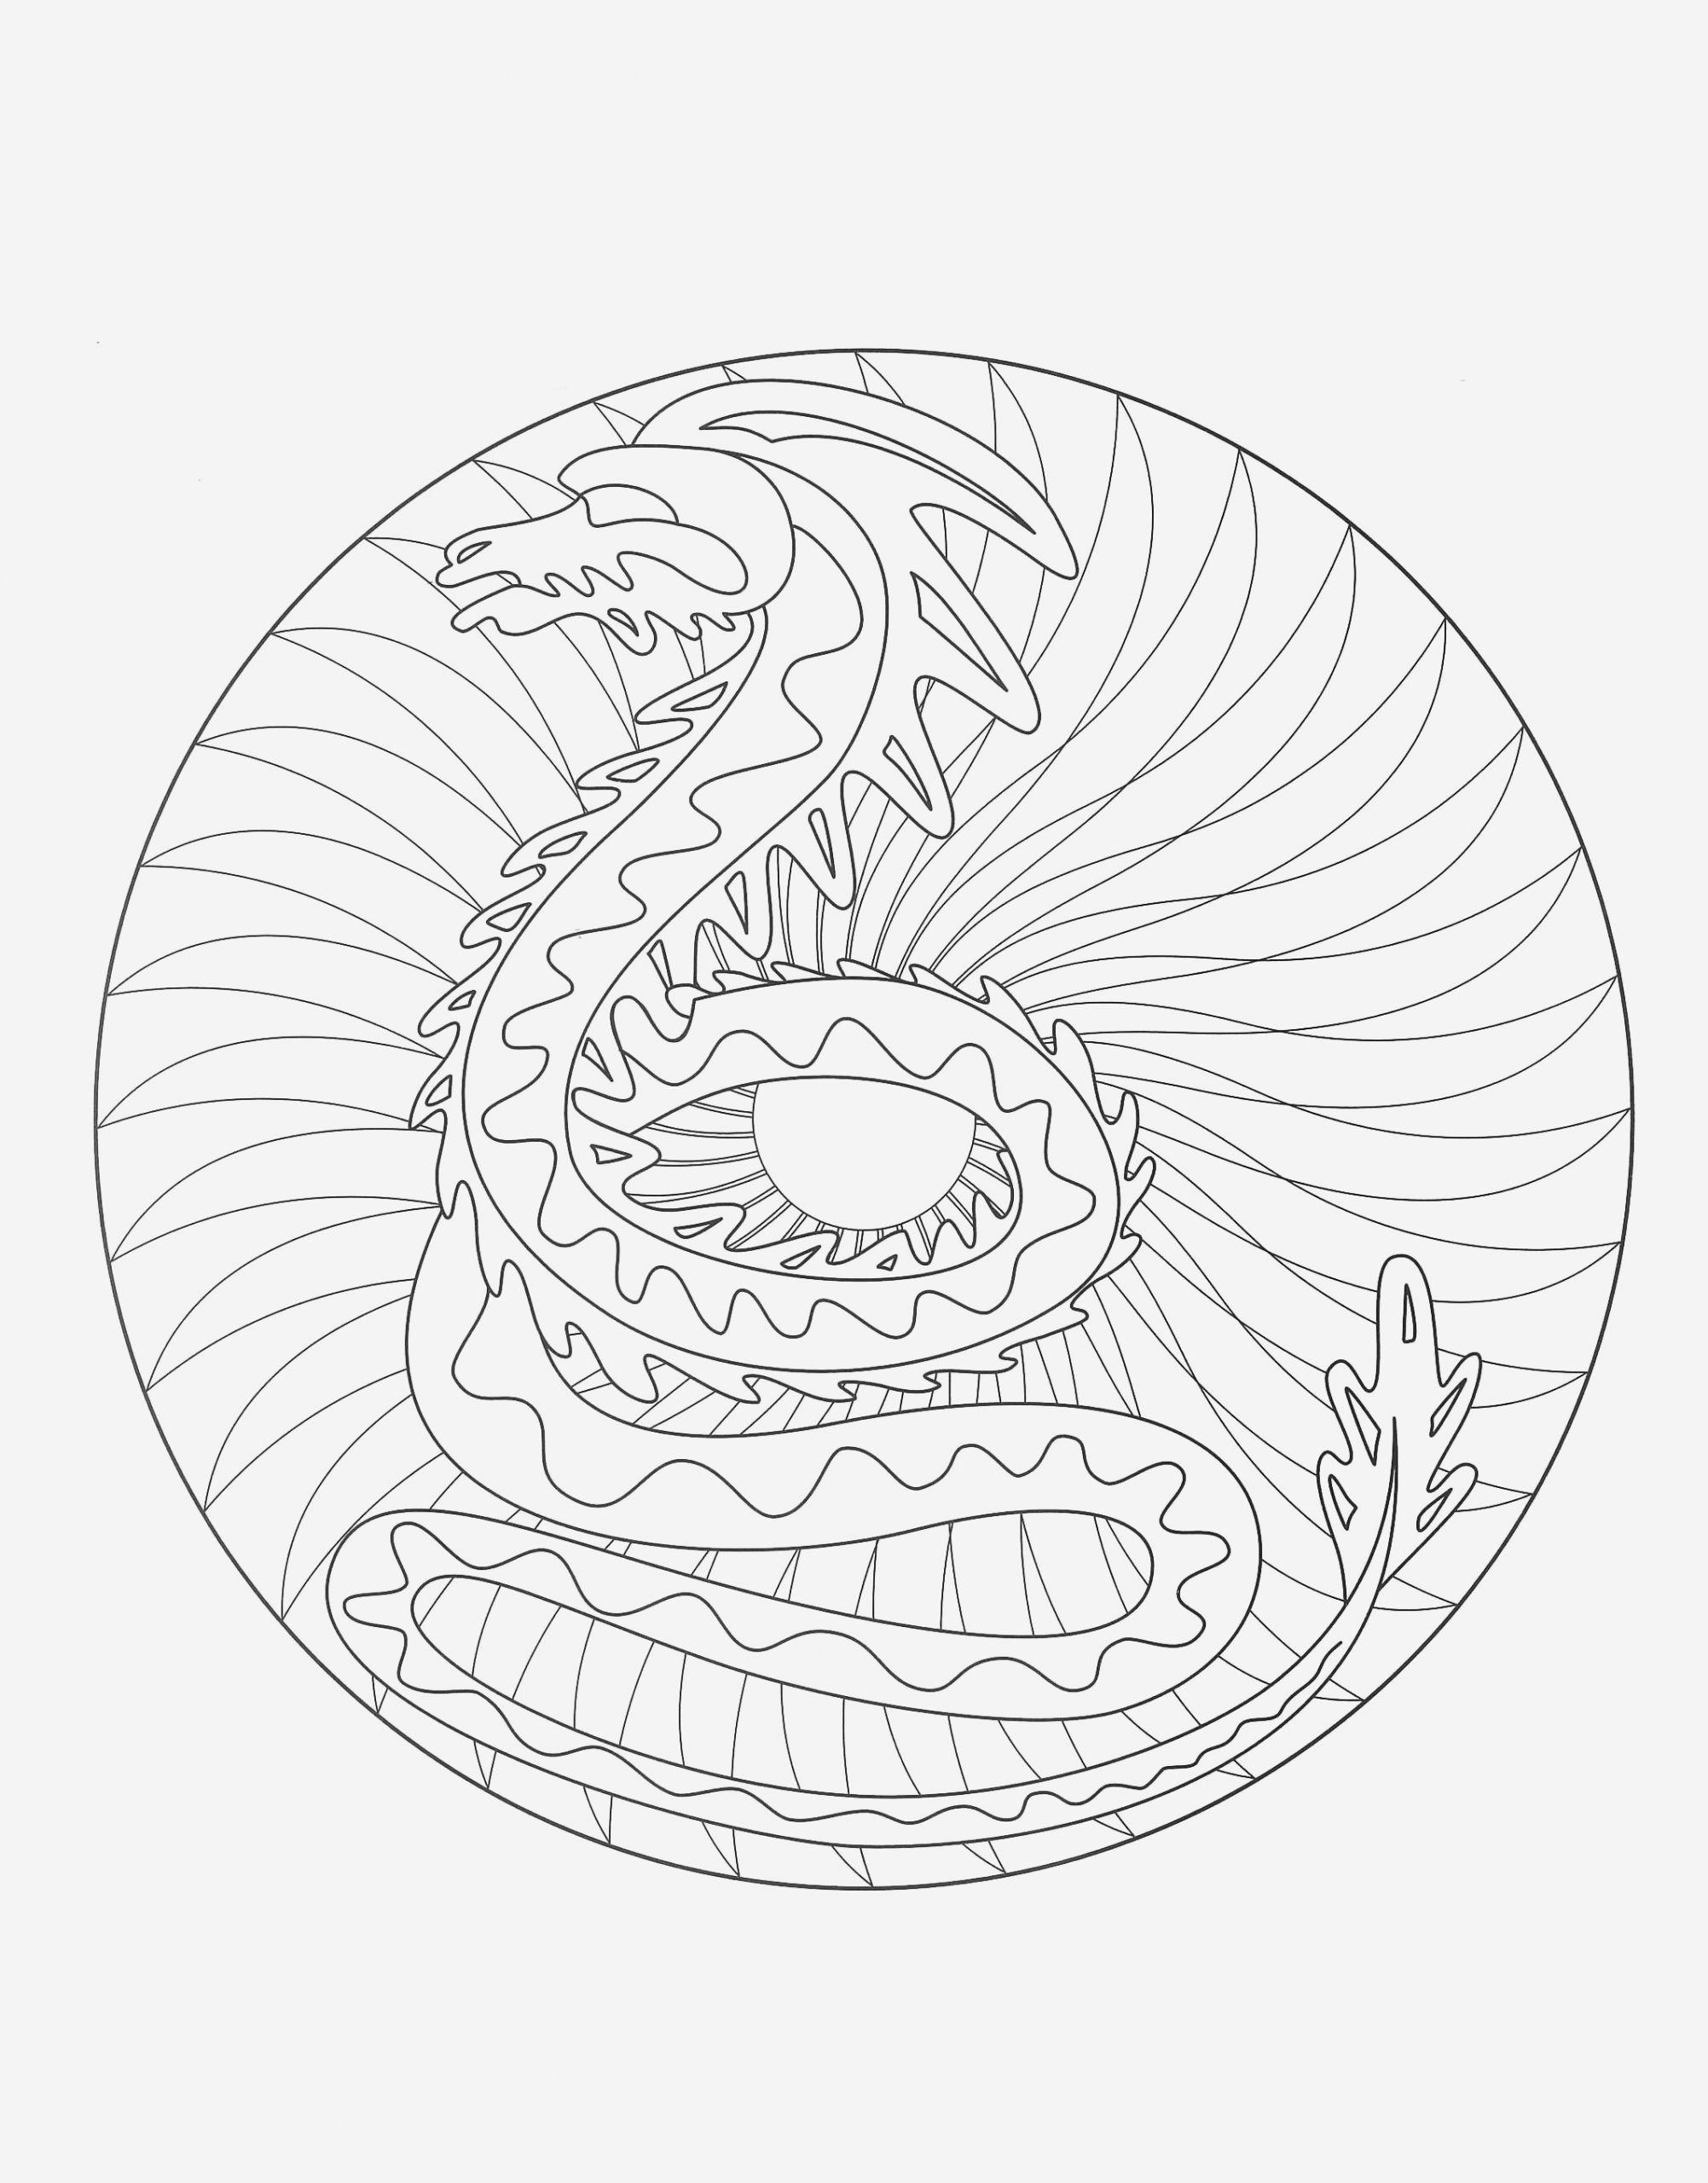 Coloriage Difficile Dragon - Coloriages Gratuits pour Coloriage De Mandala Difficile A Imprimer